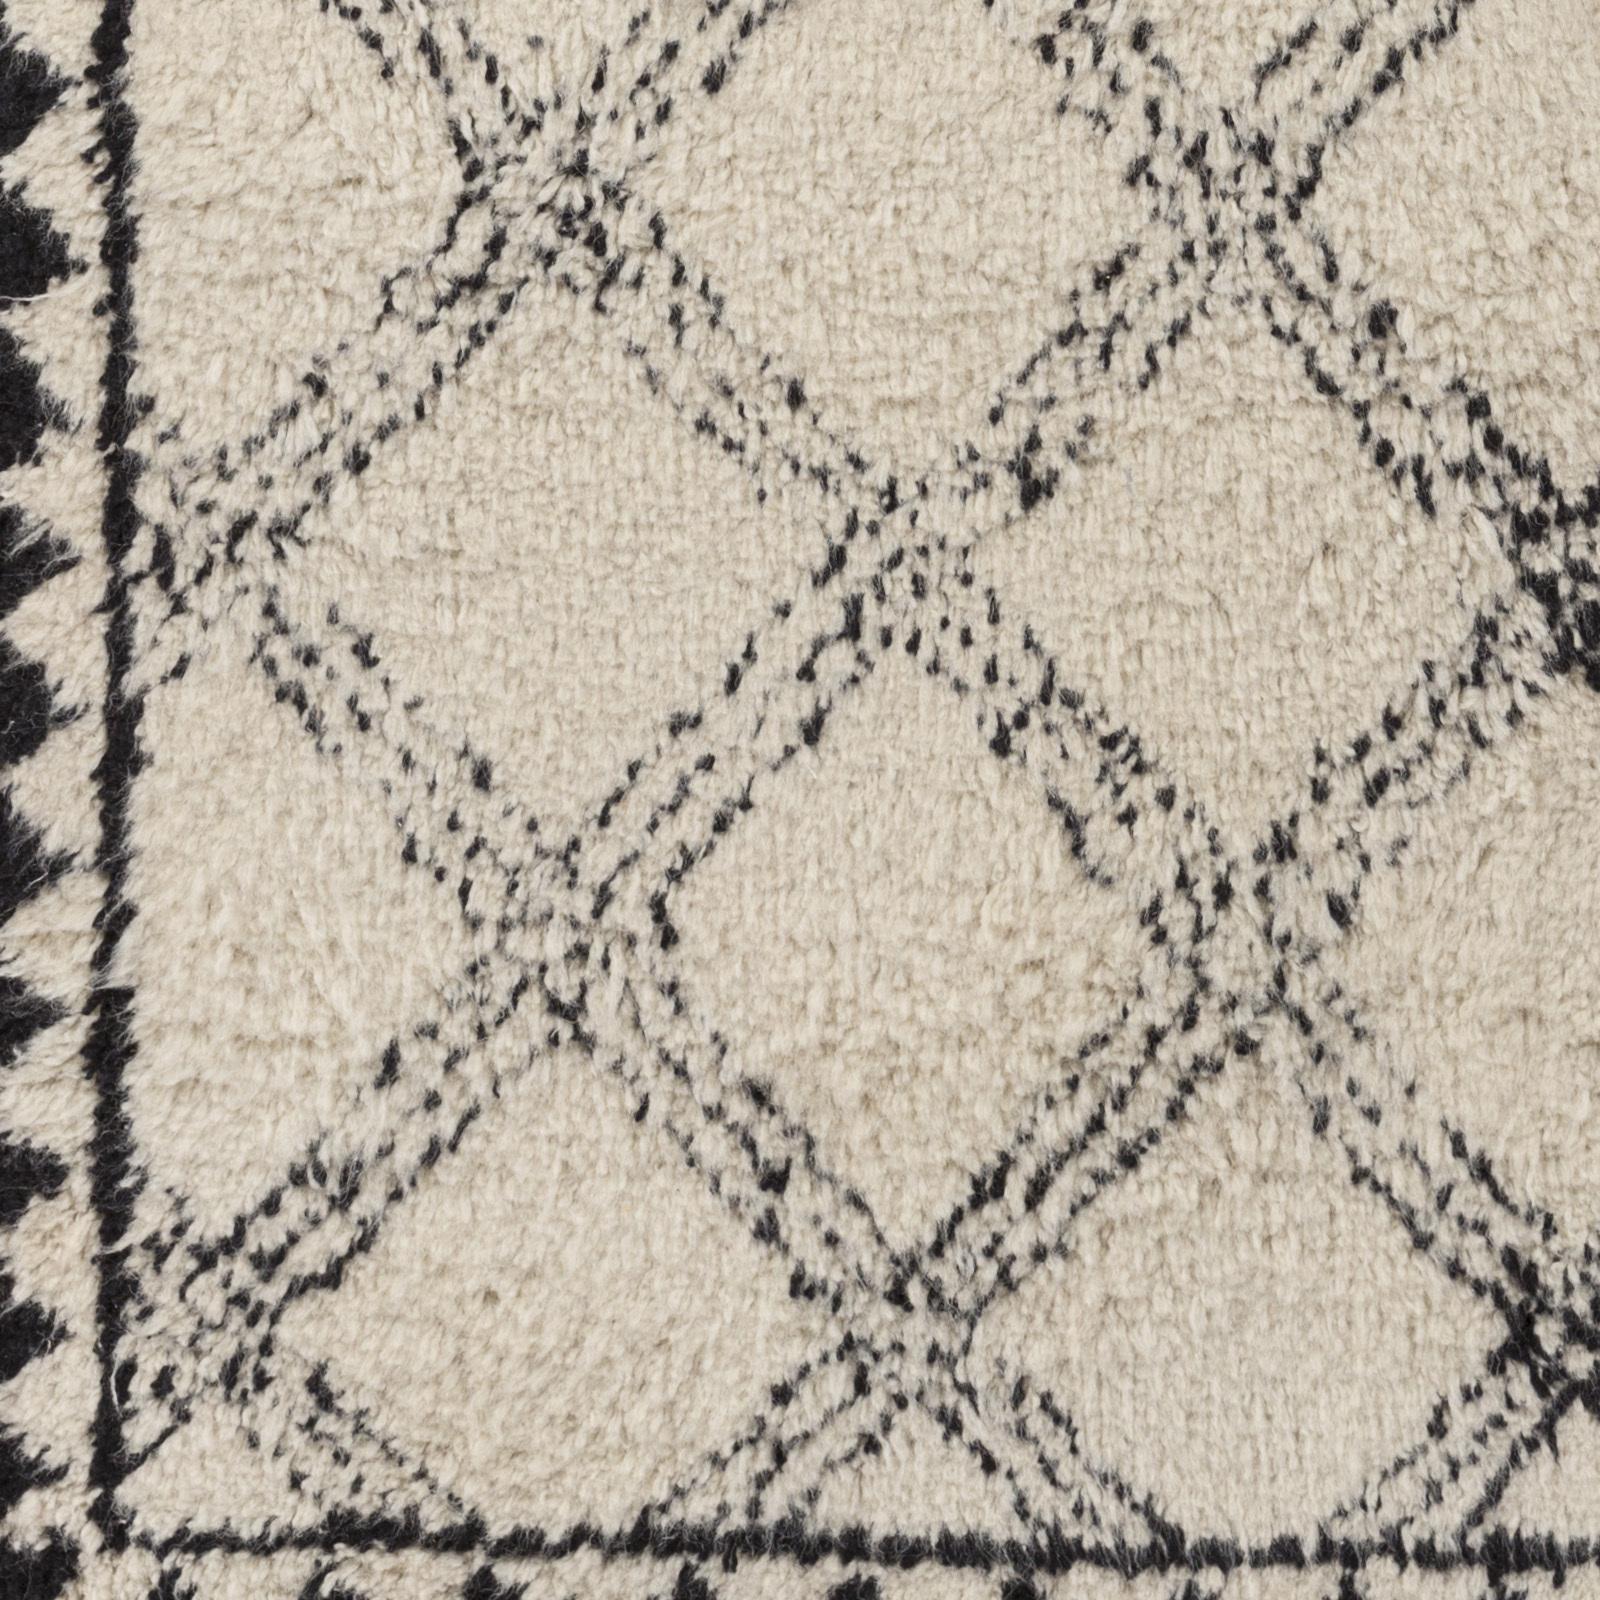 Riad 2' x 3' Area Rug